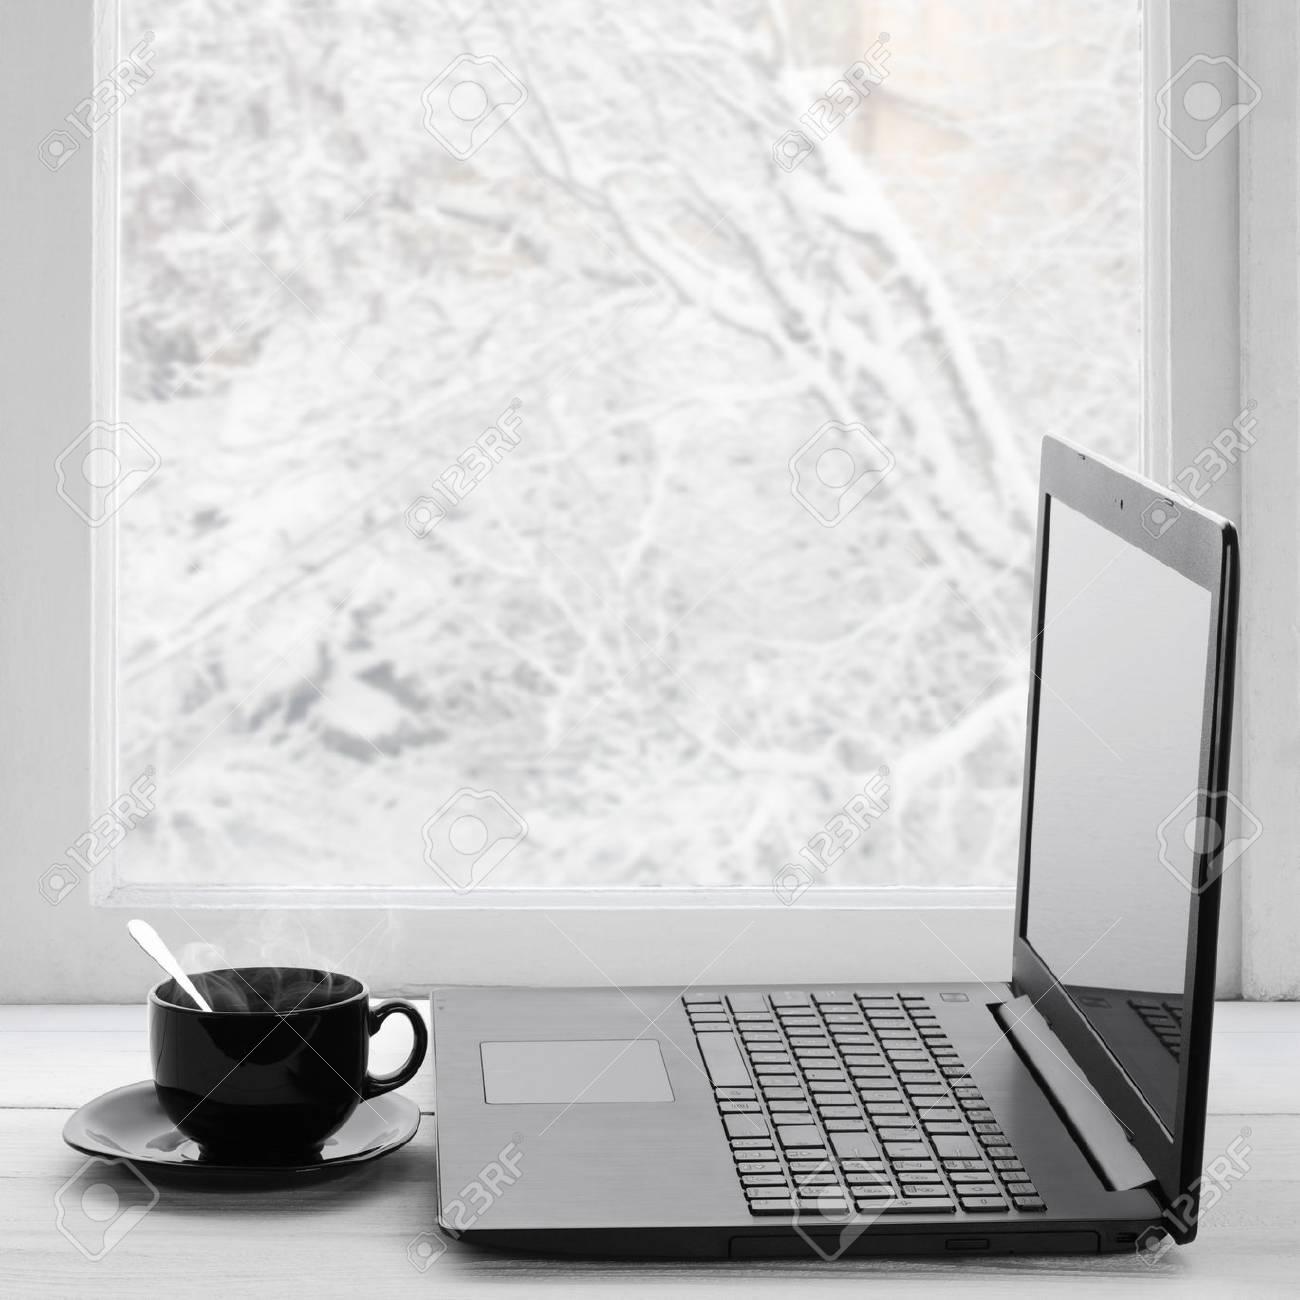 Acogedor Invierno Todavía La Vida: Ordenador Portátil Y Una Taza De ...